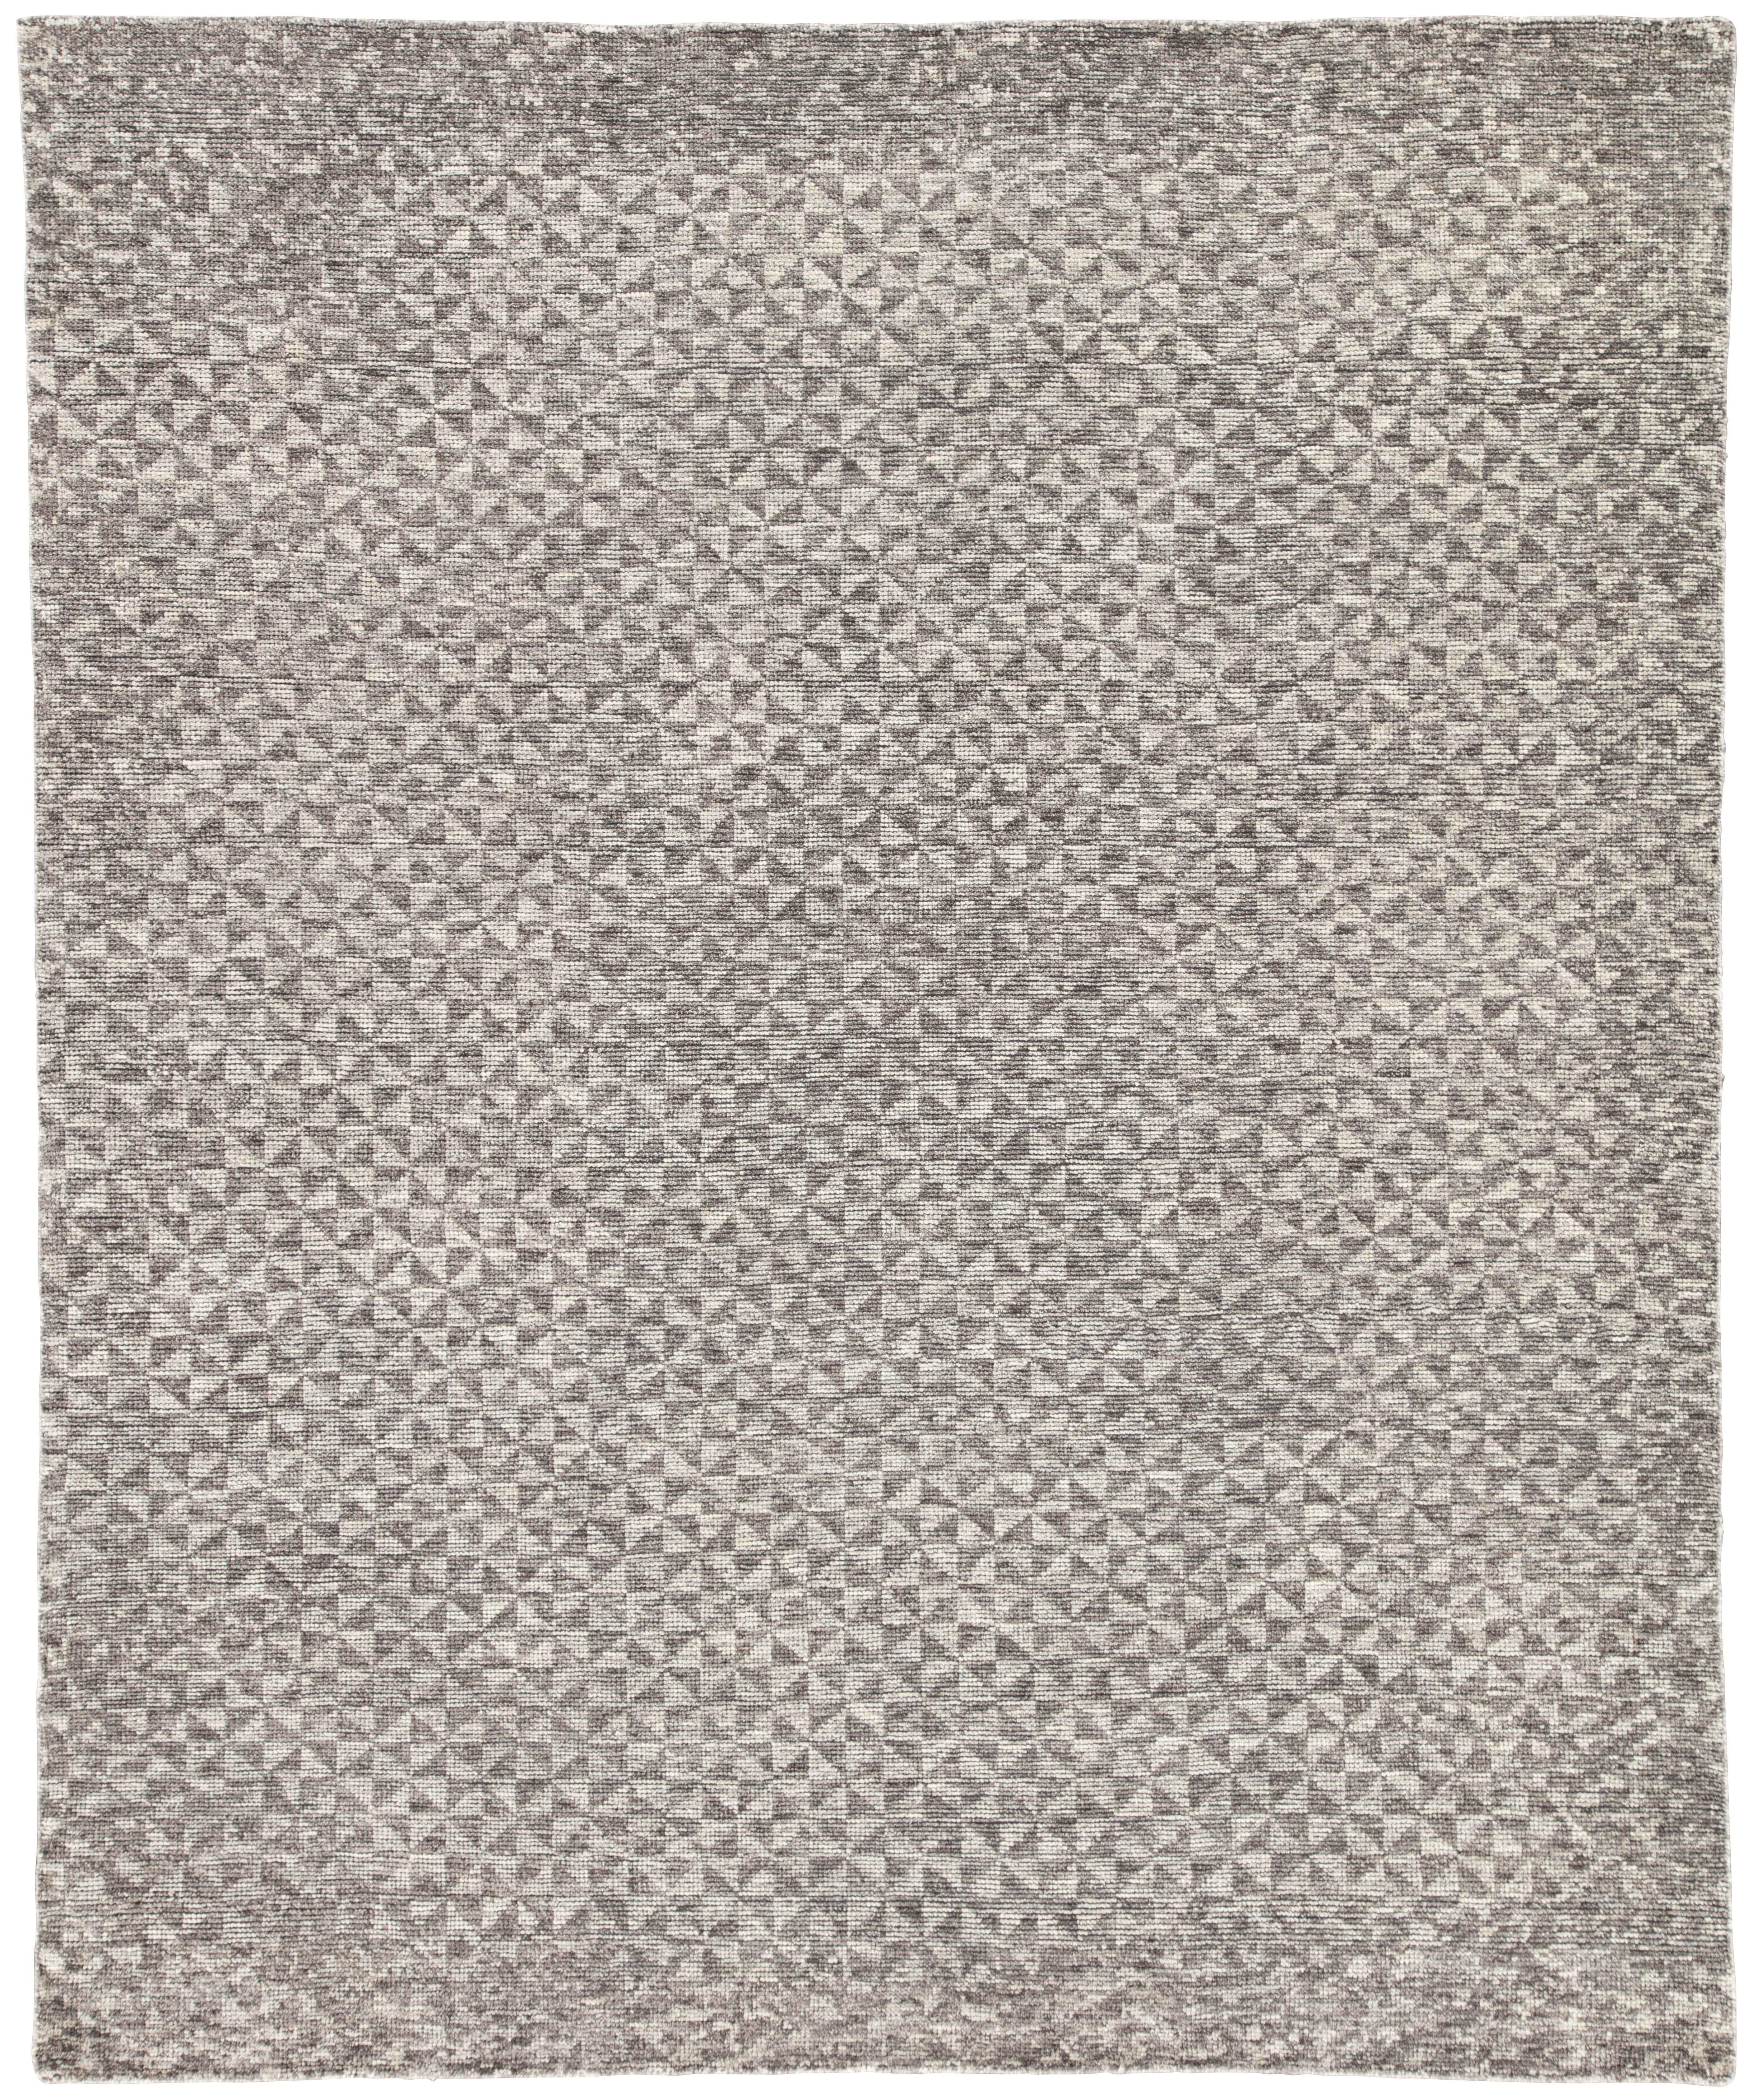 Jaipur Rize RIZ03 Dark Gray